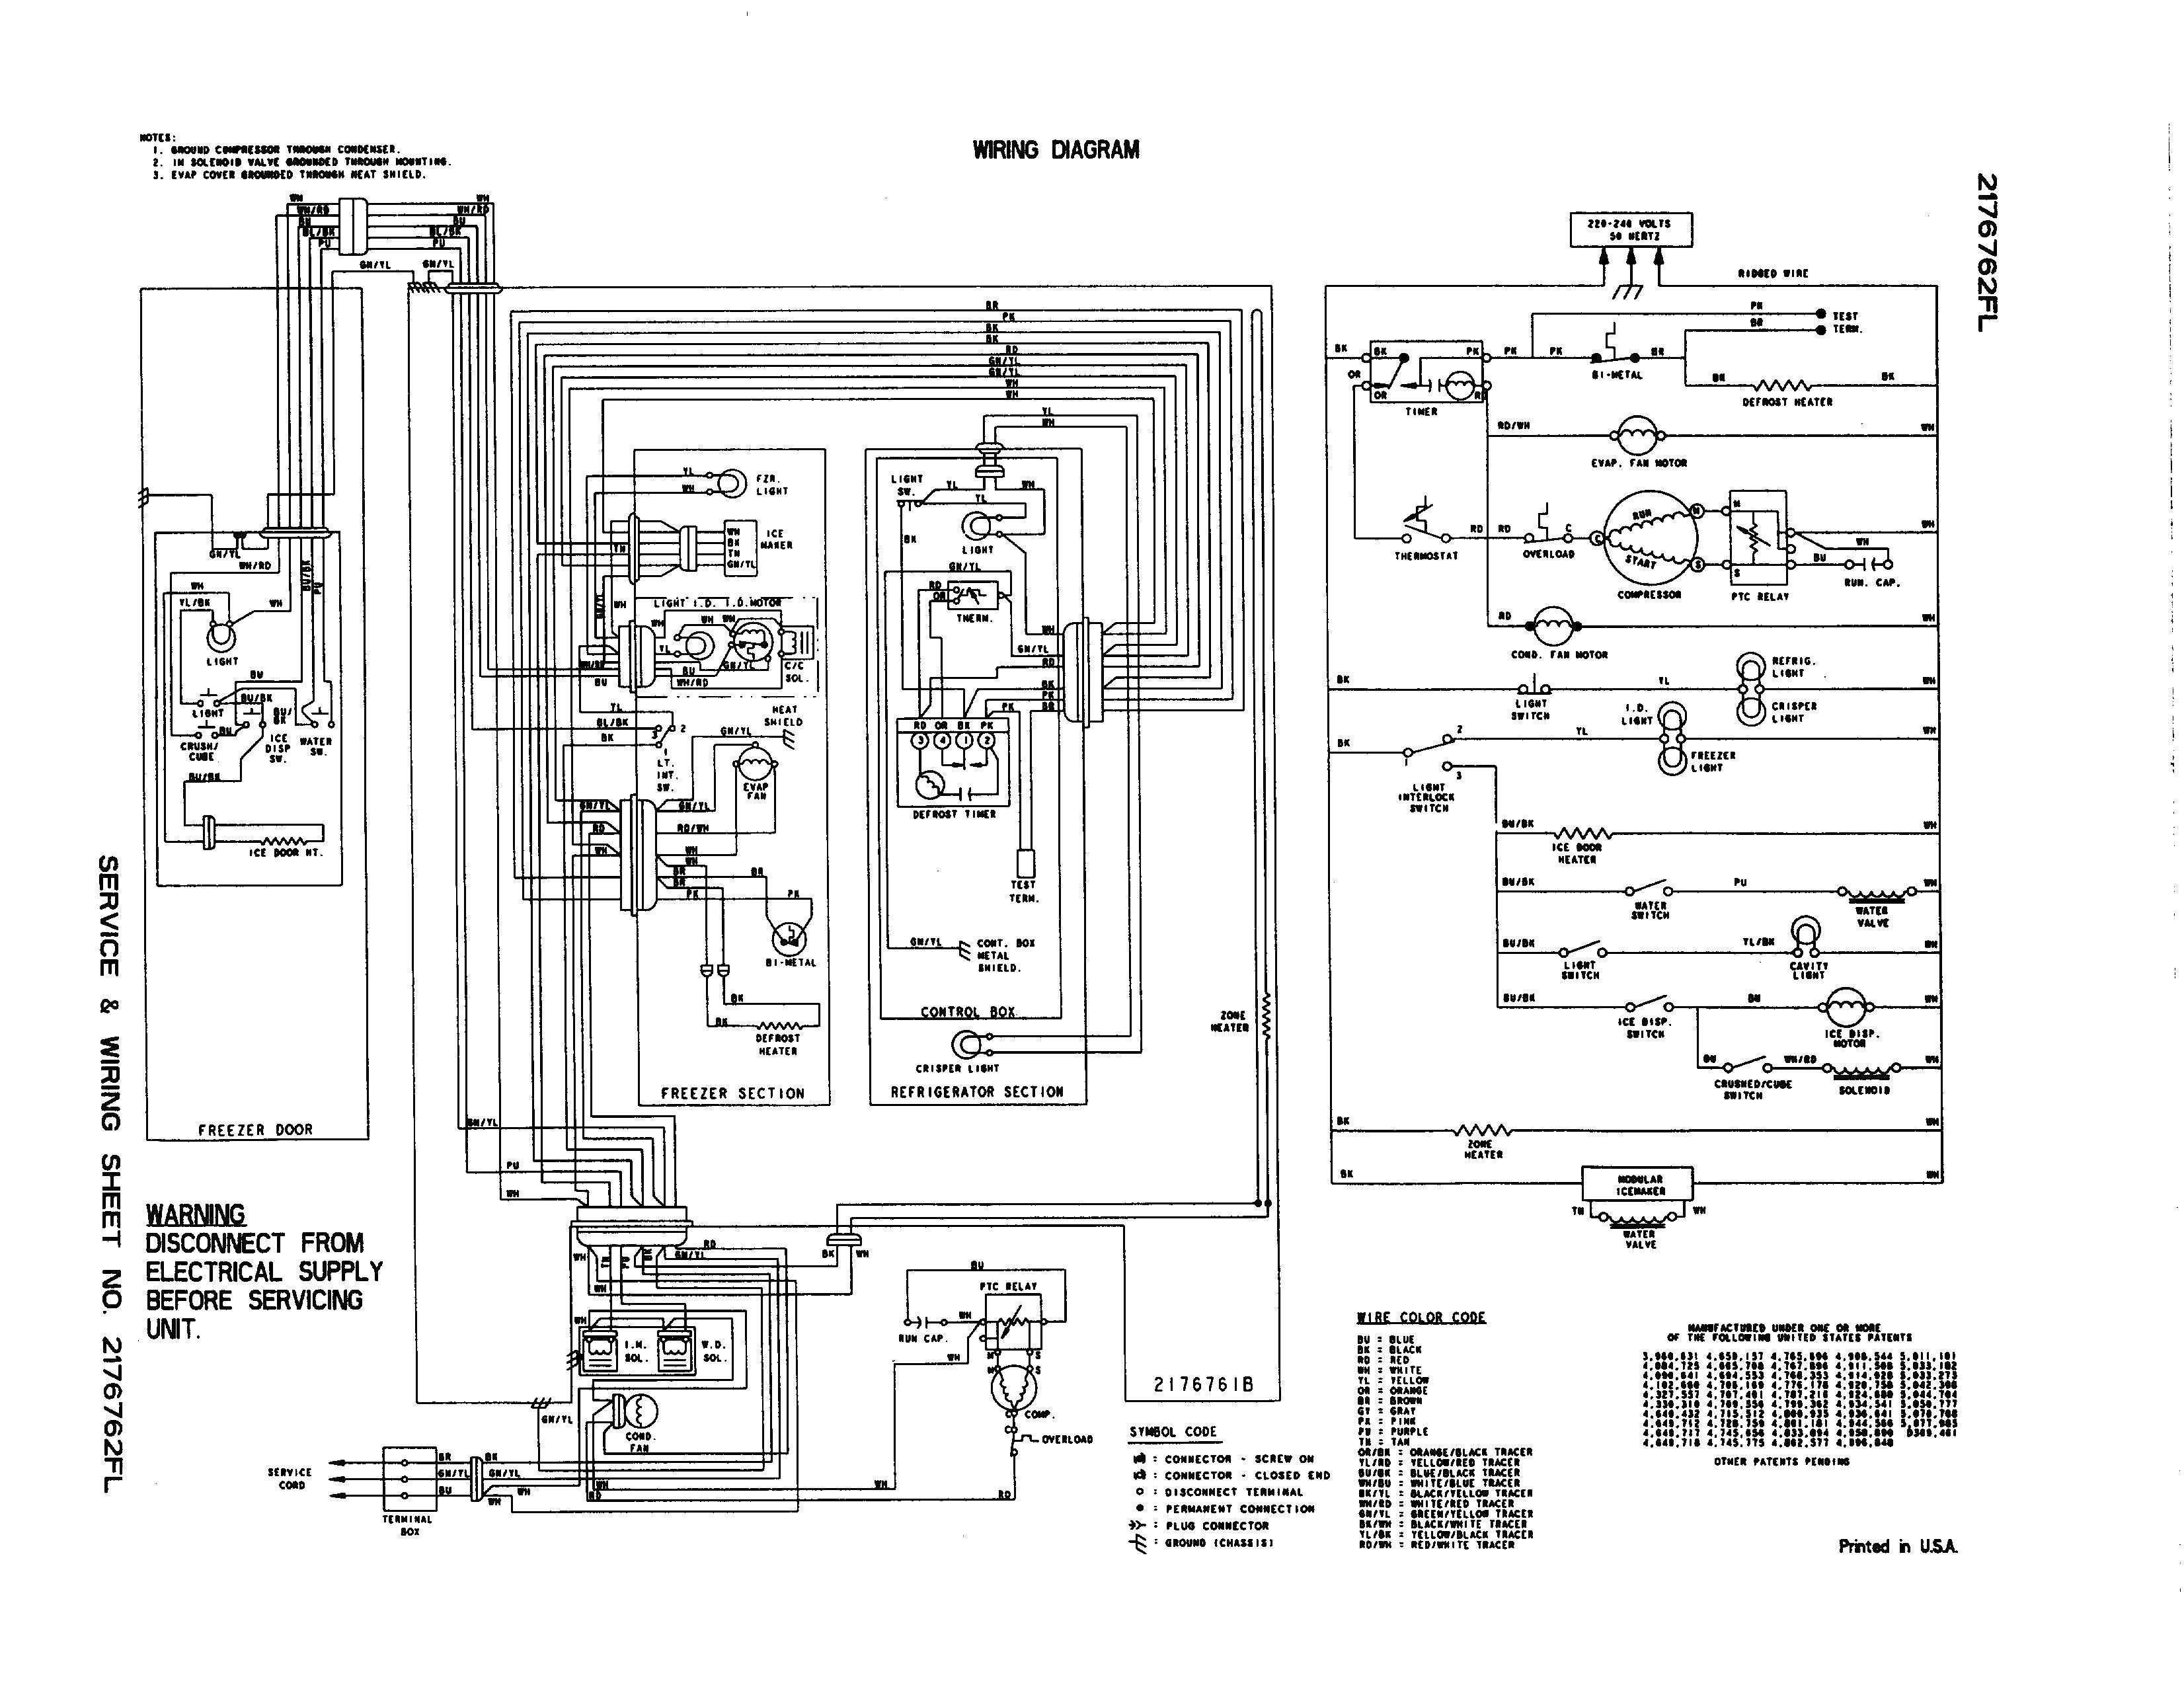 Ge Wiring Schematic Jvm 2 -2006 Honda Rancher 350 Wiring Diagram   Begeboy Wiring  Diagram Source   Ge Wiring Schematic Jvm 2      Begeboy Wiring Diagram Source